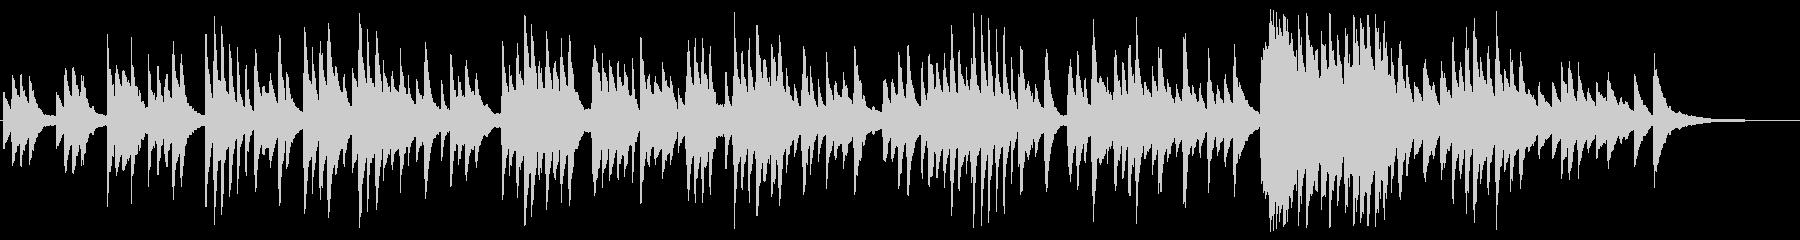 「思い出のアルバム」のアレンジBGMの未再生の波形